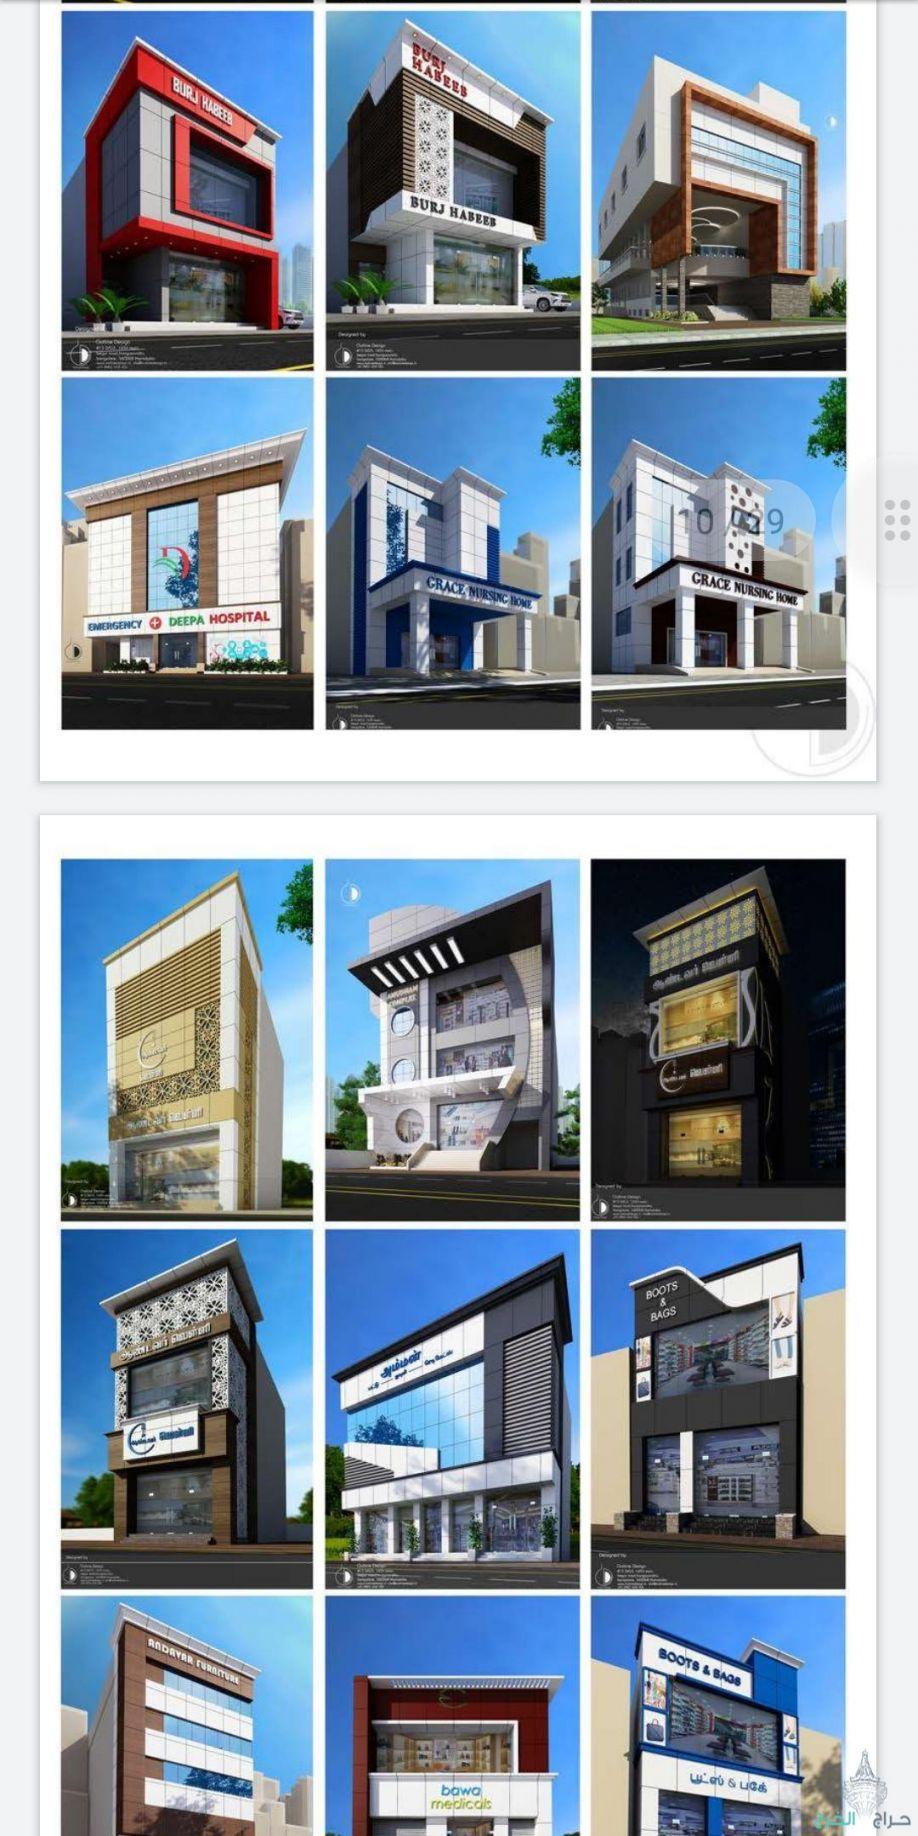 تصميم معماري وديكور داخلي وخارجي